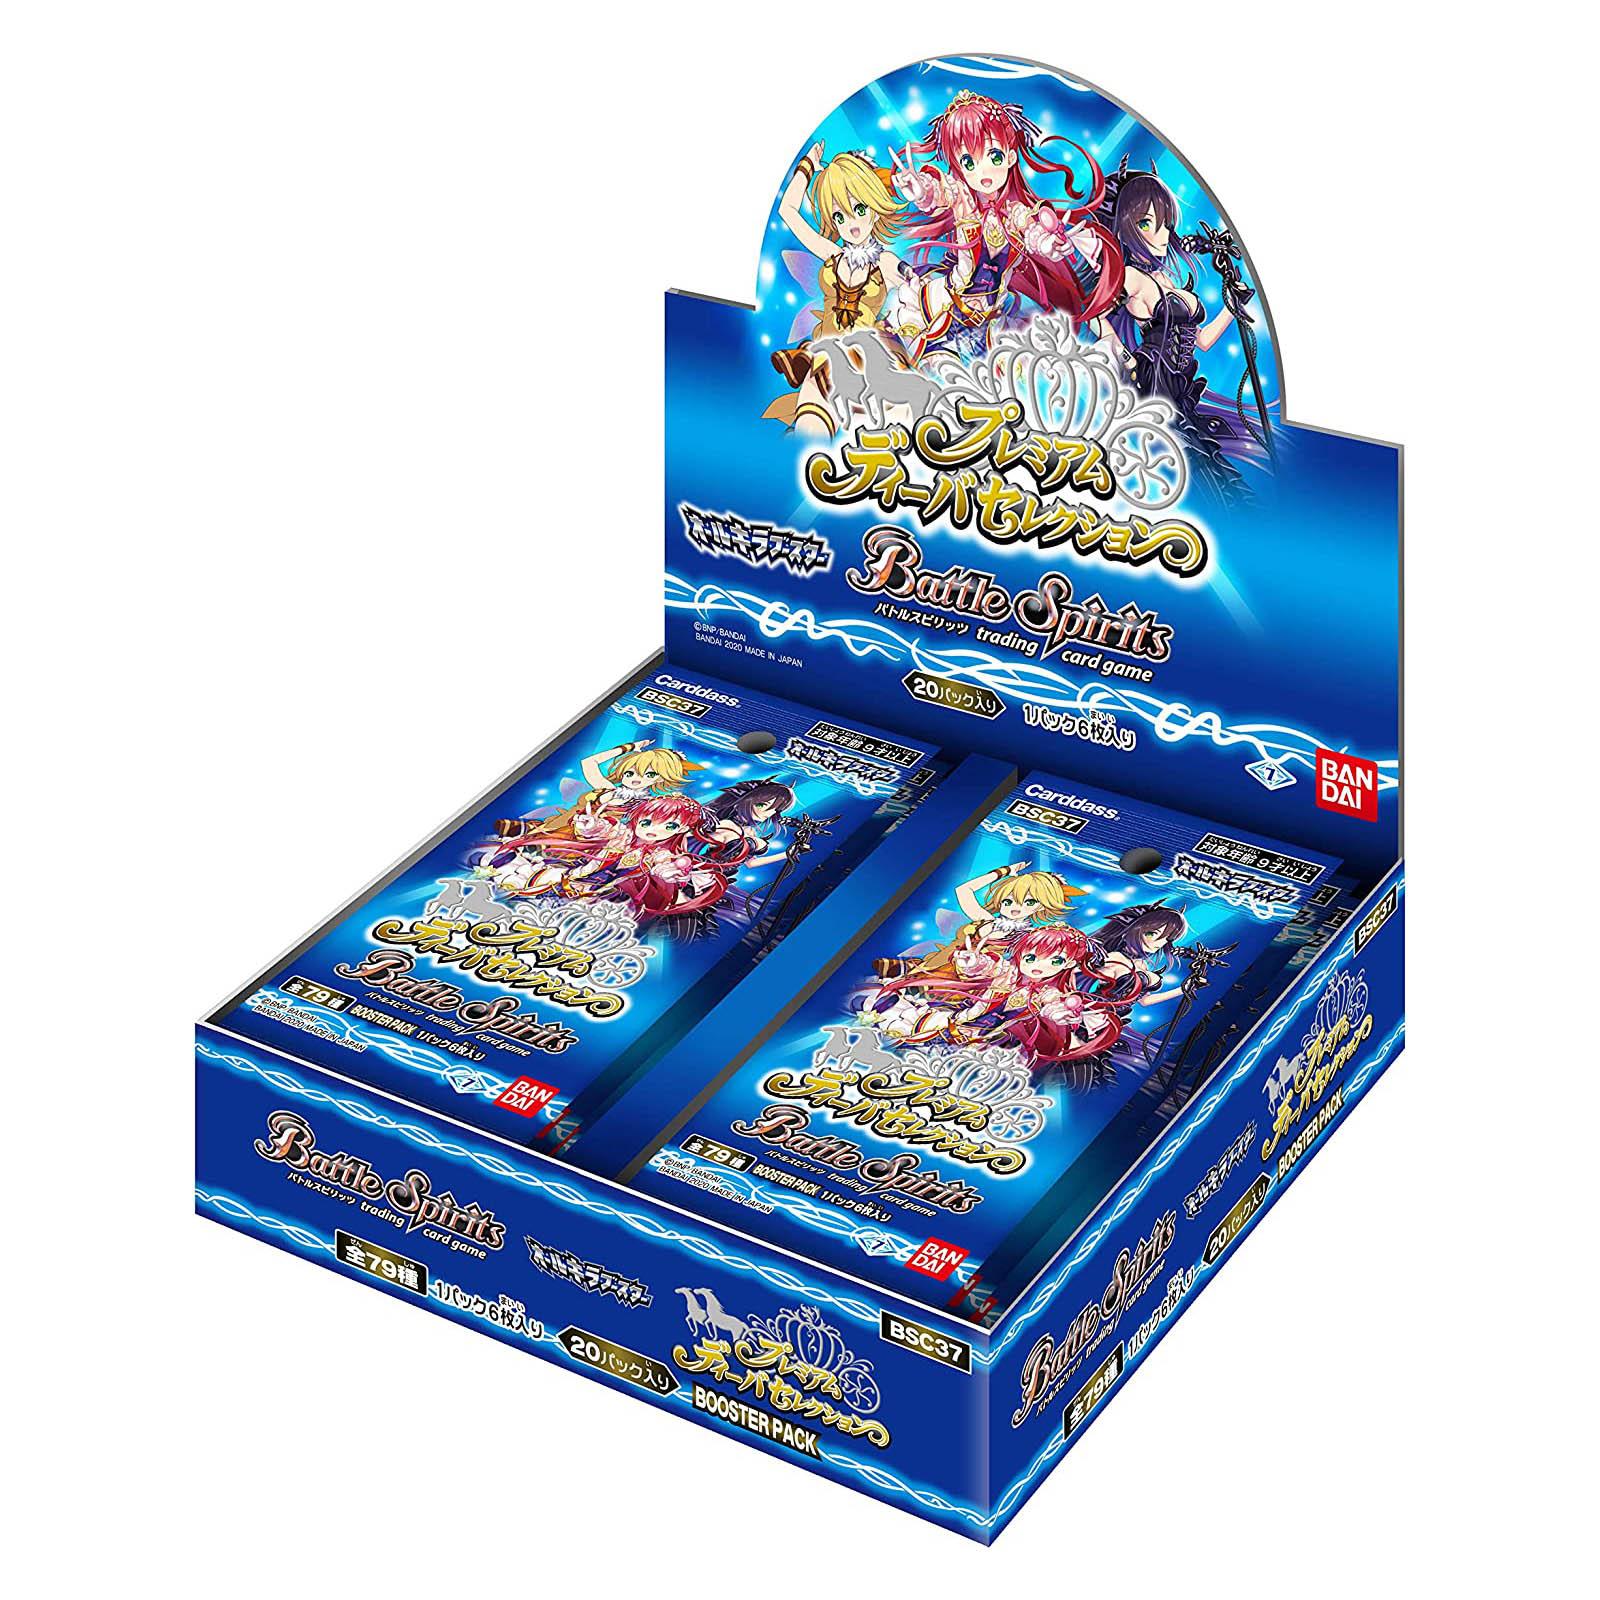 バトルスピリッツ『オールキラブースター プレミアムディーバセレクション[BSC37]』20パック入りBOX-001